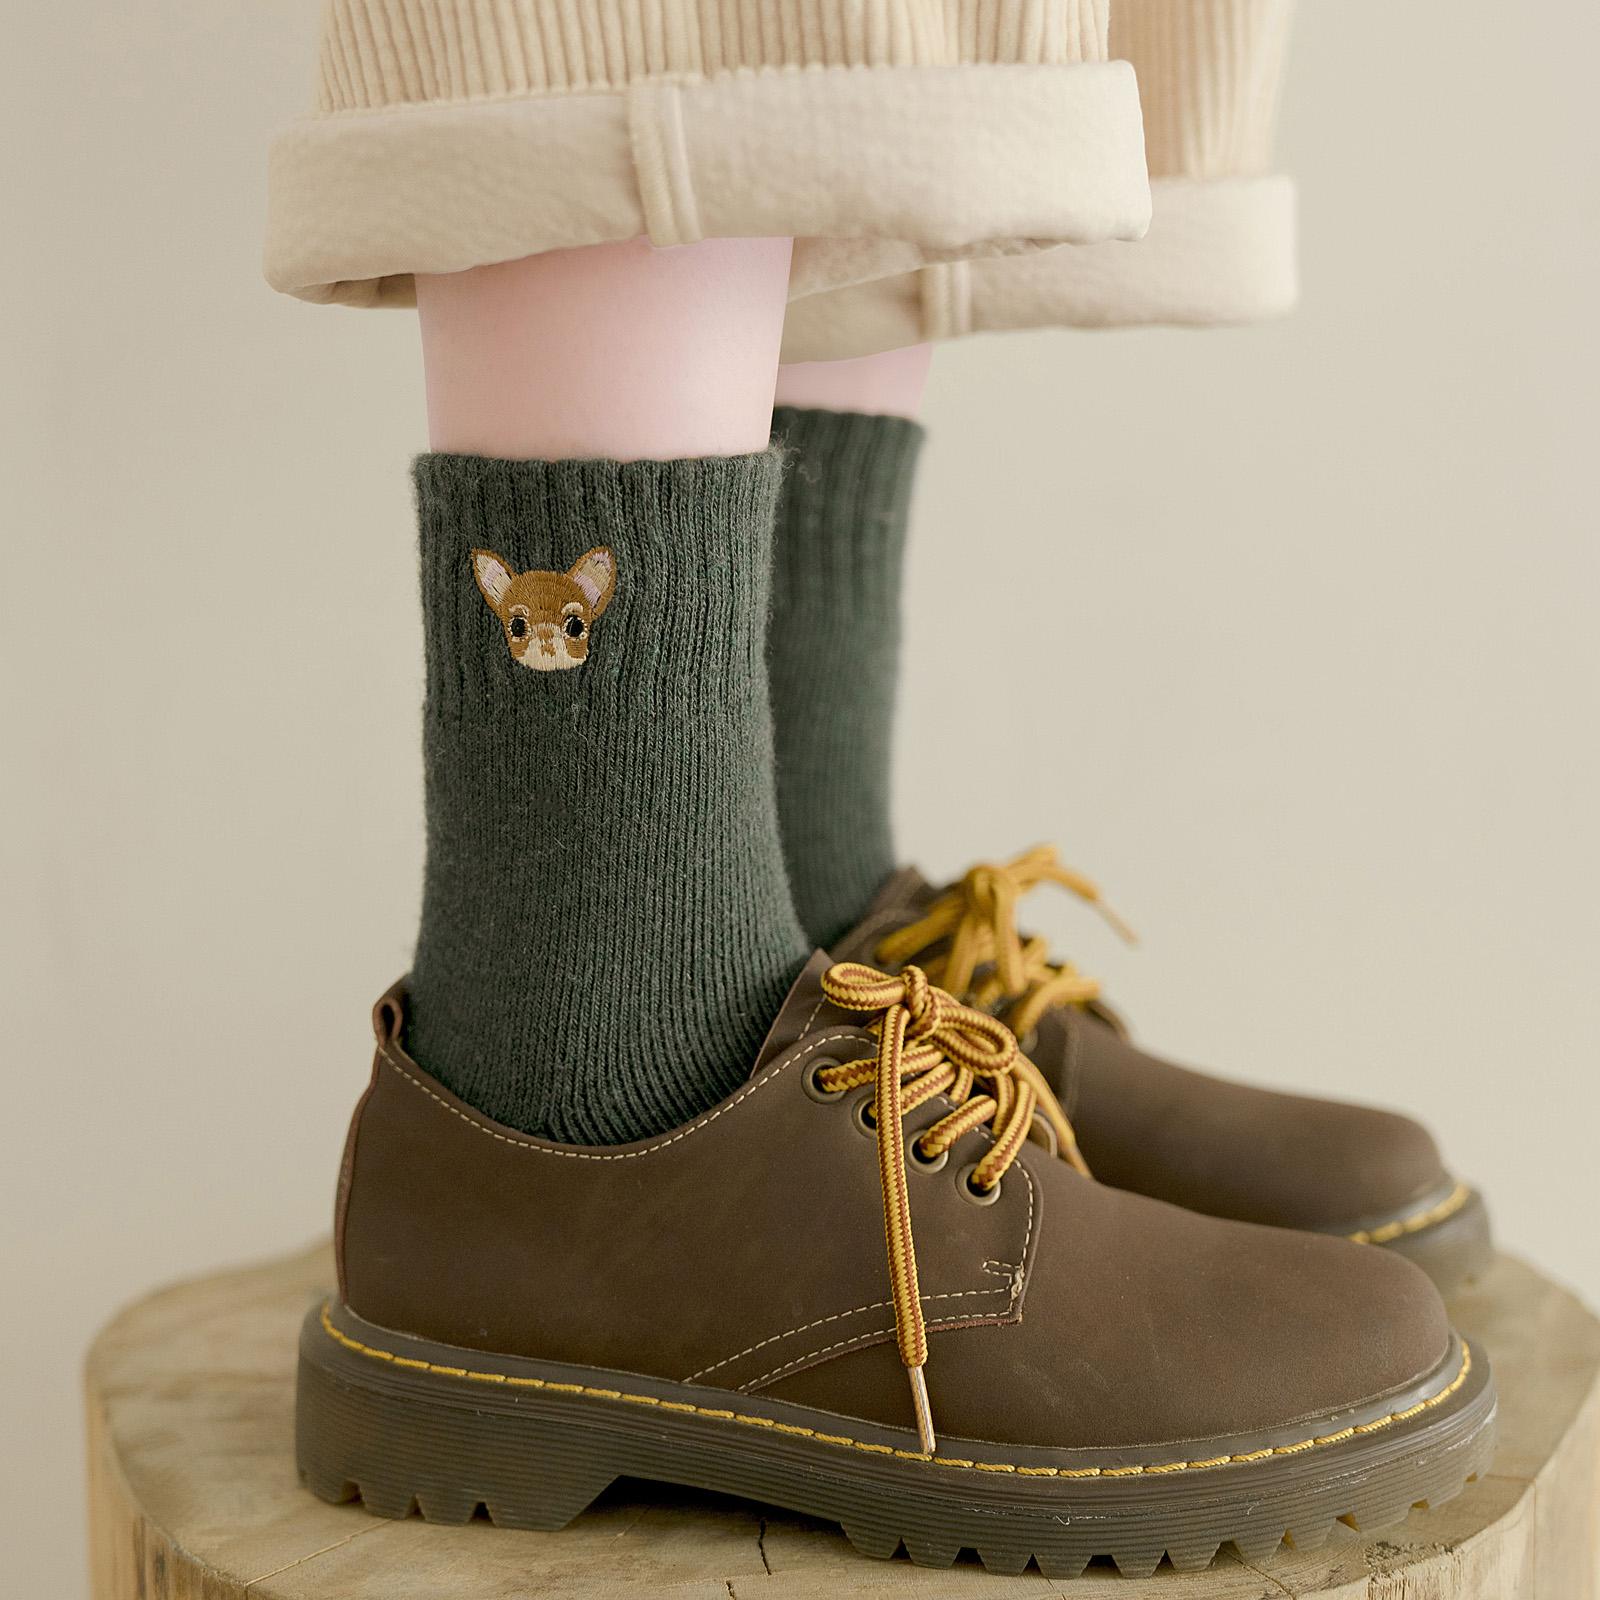 长袜子女中筒袜ins潮日系可爱秋冬季加厚加绒保暖羊毛毛圈袜长筒